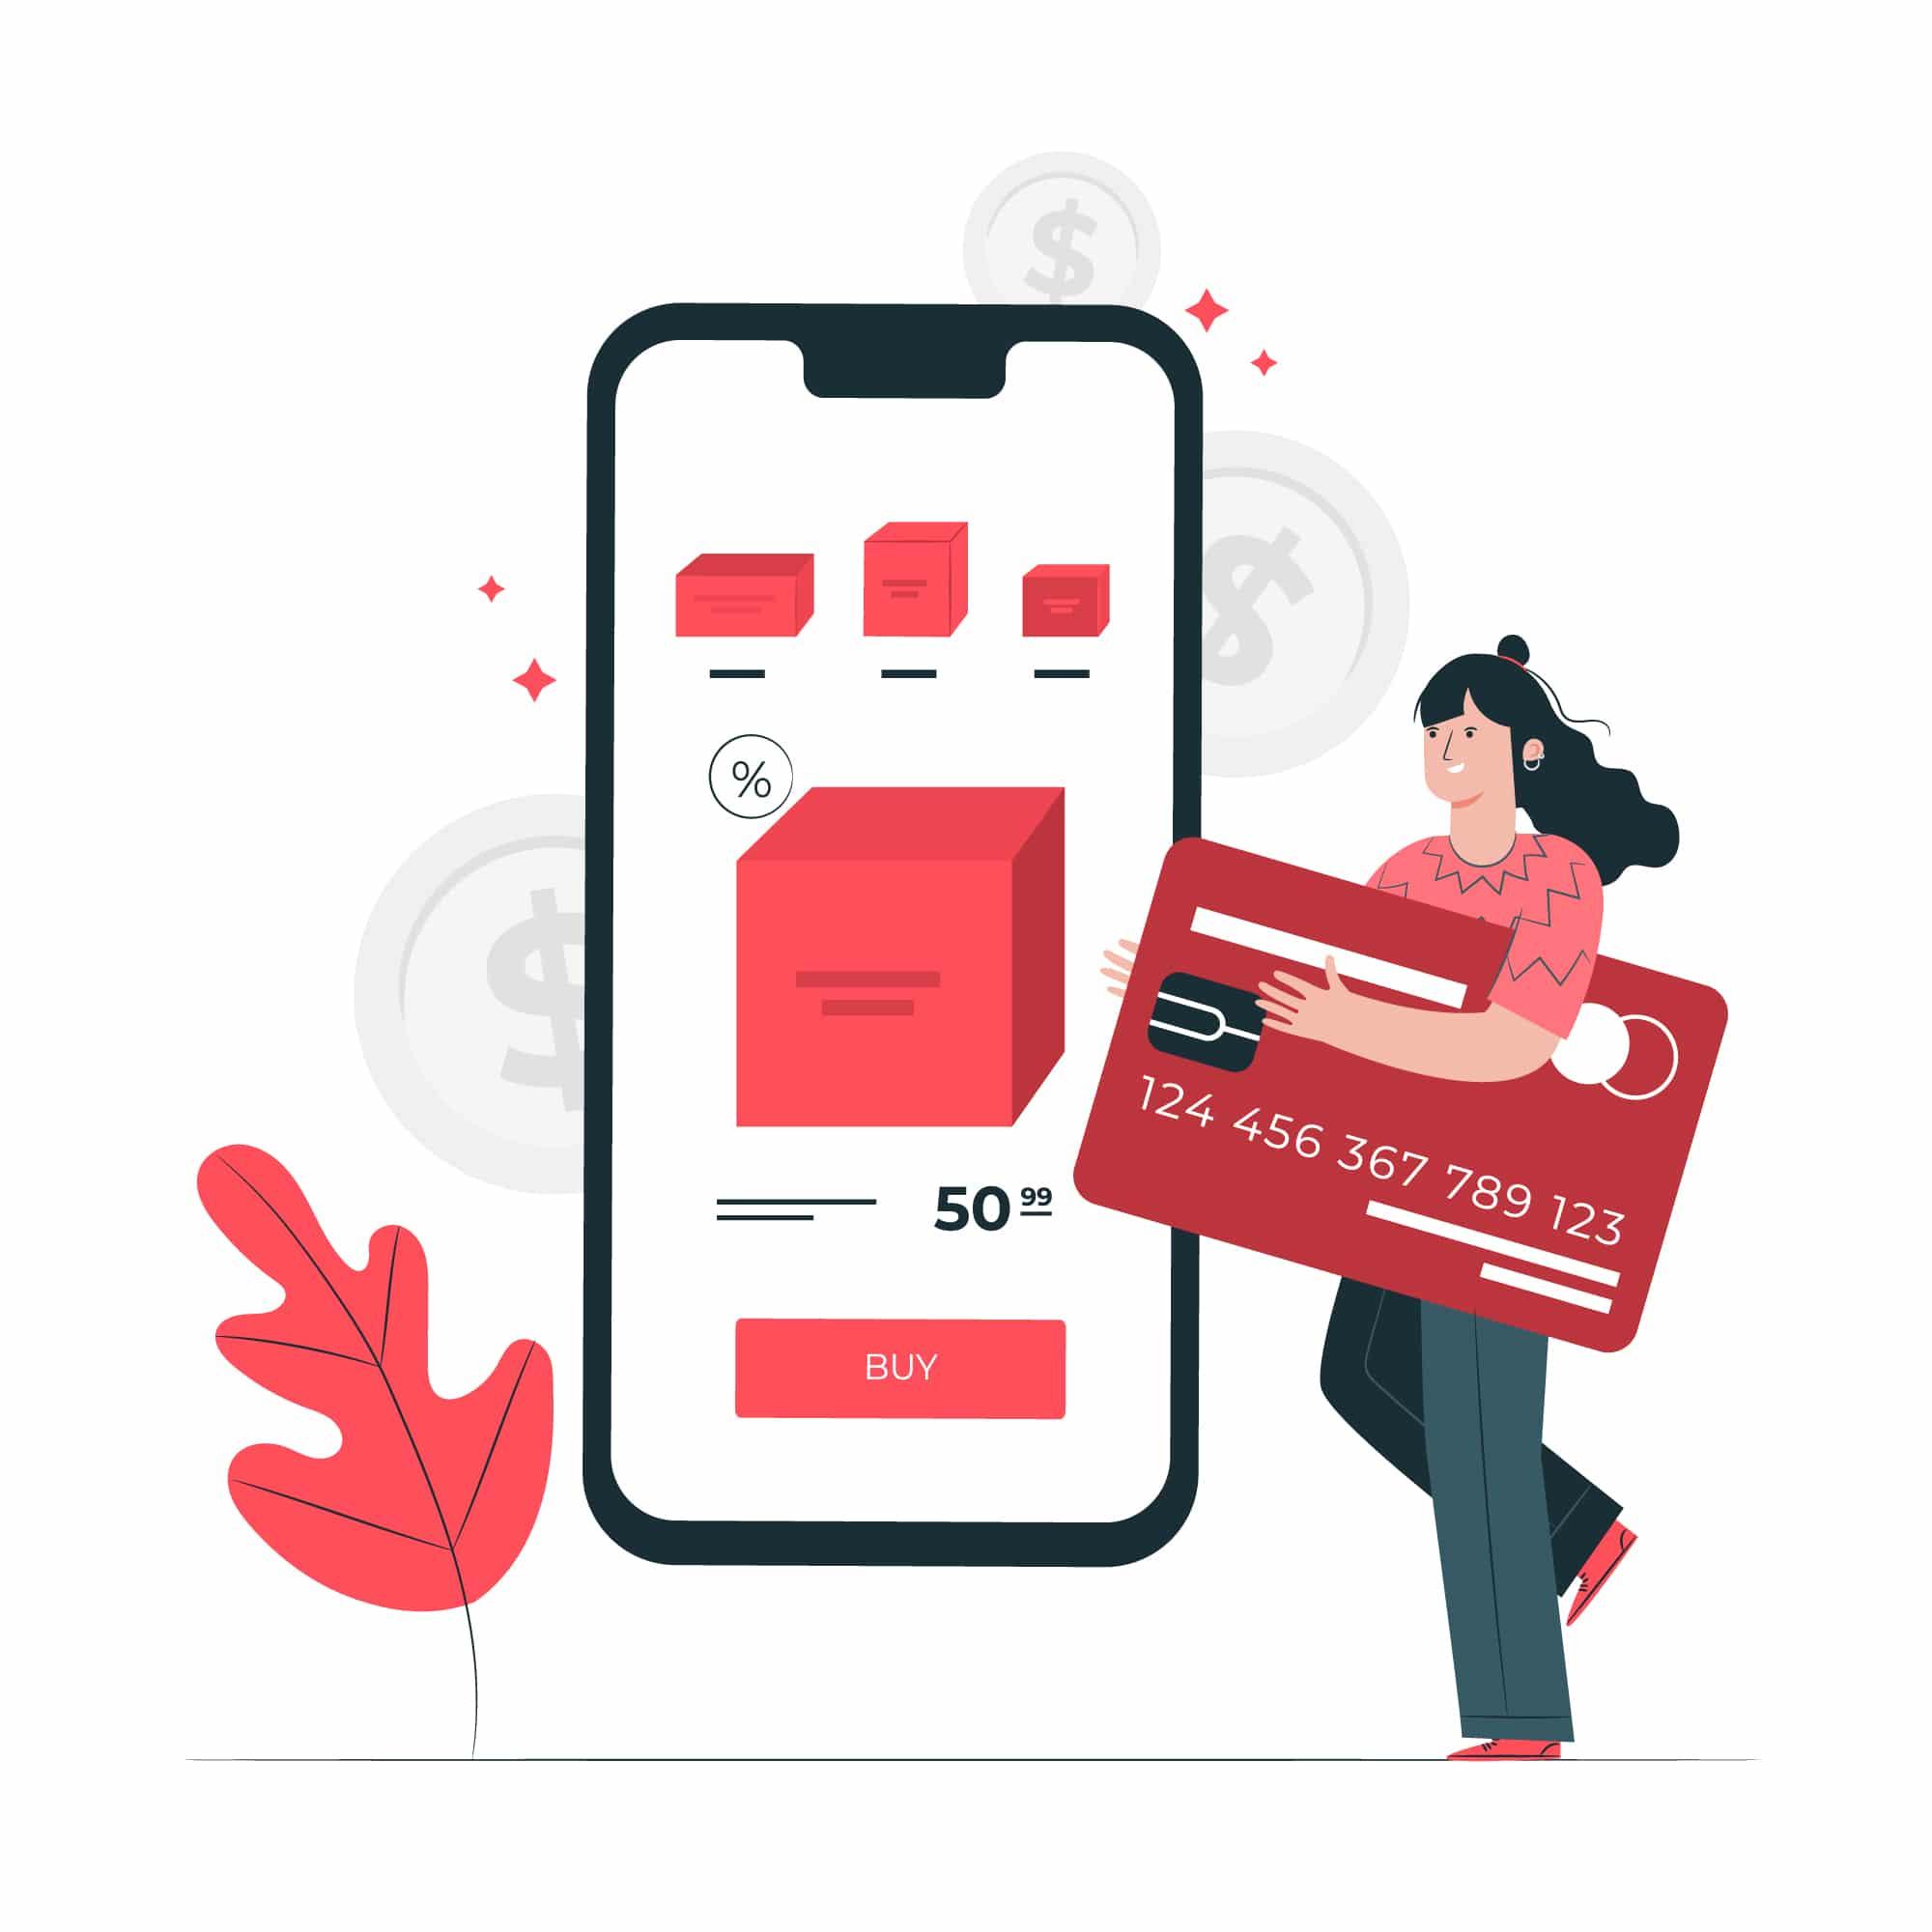 jovem aprendiz caixa - jovem segurando um cartão de crédito